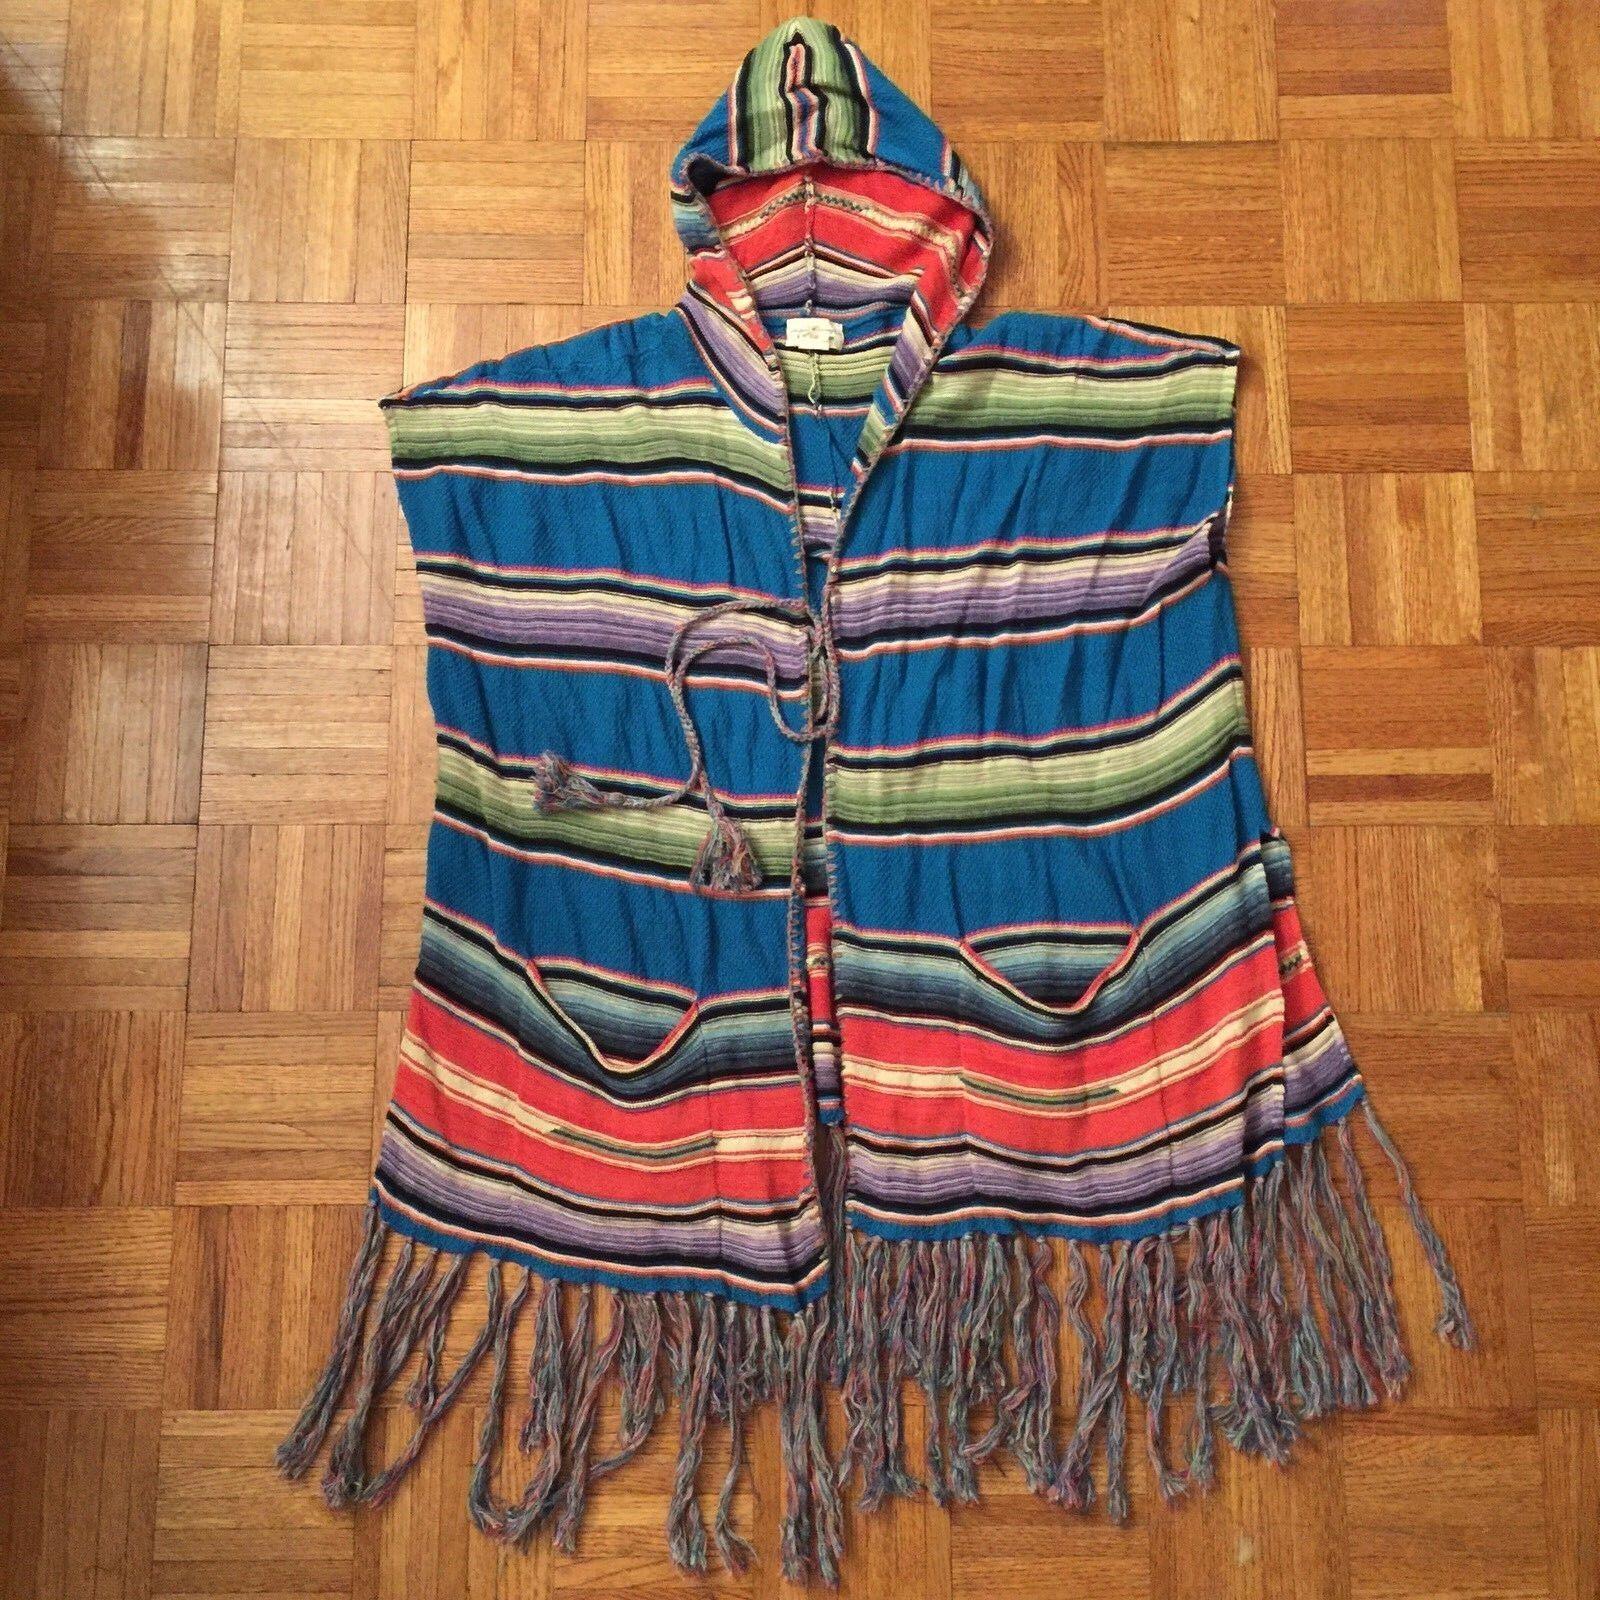 RARPH LAUREN Denis tillförsel söderwest Fringae Poncho Filtet Knitt